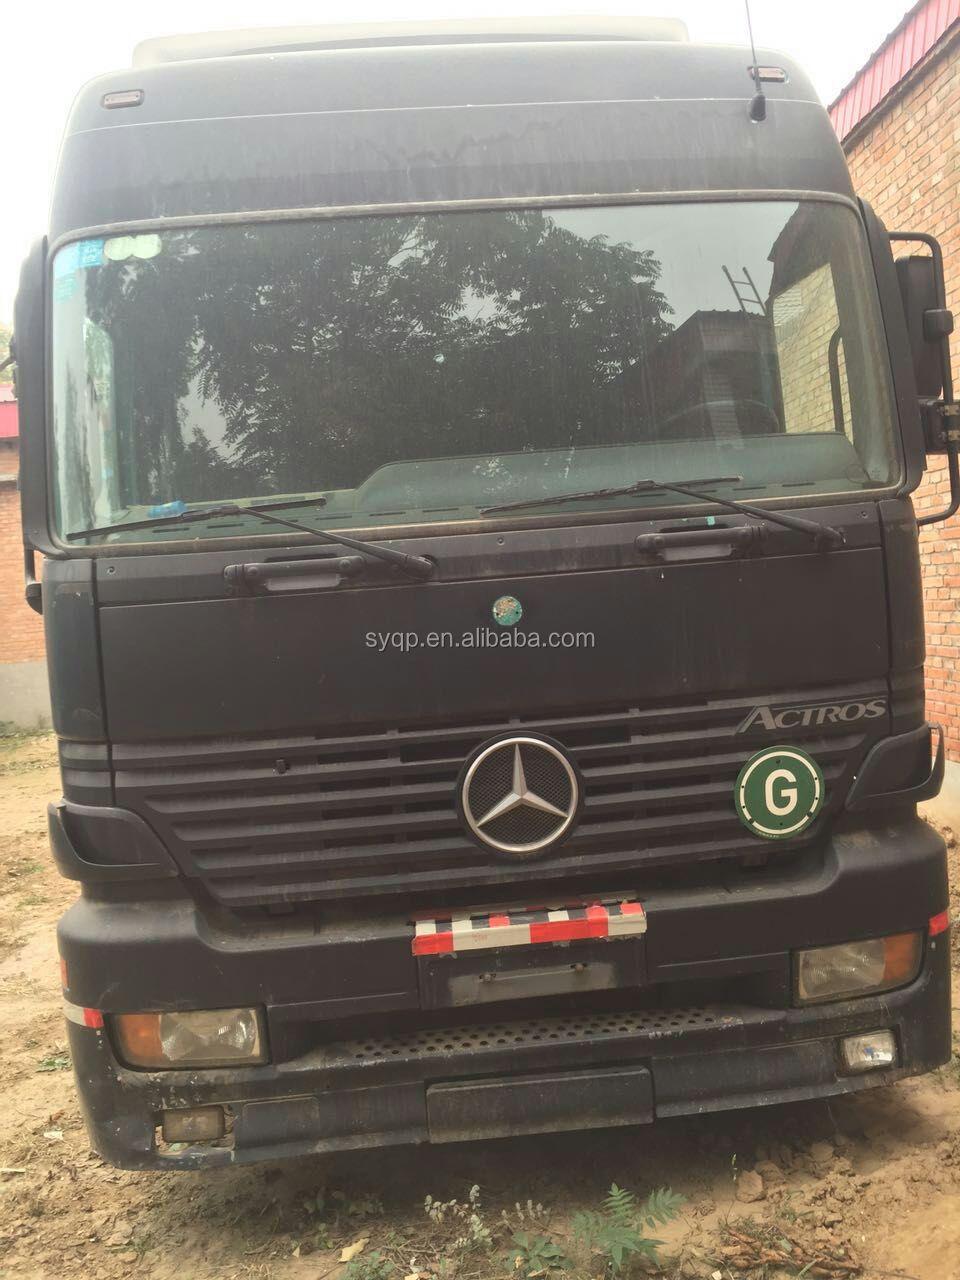 Utilisé camion 2631, 2040,3340 ayant 5 ensembles stock